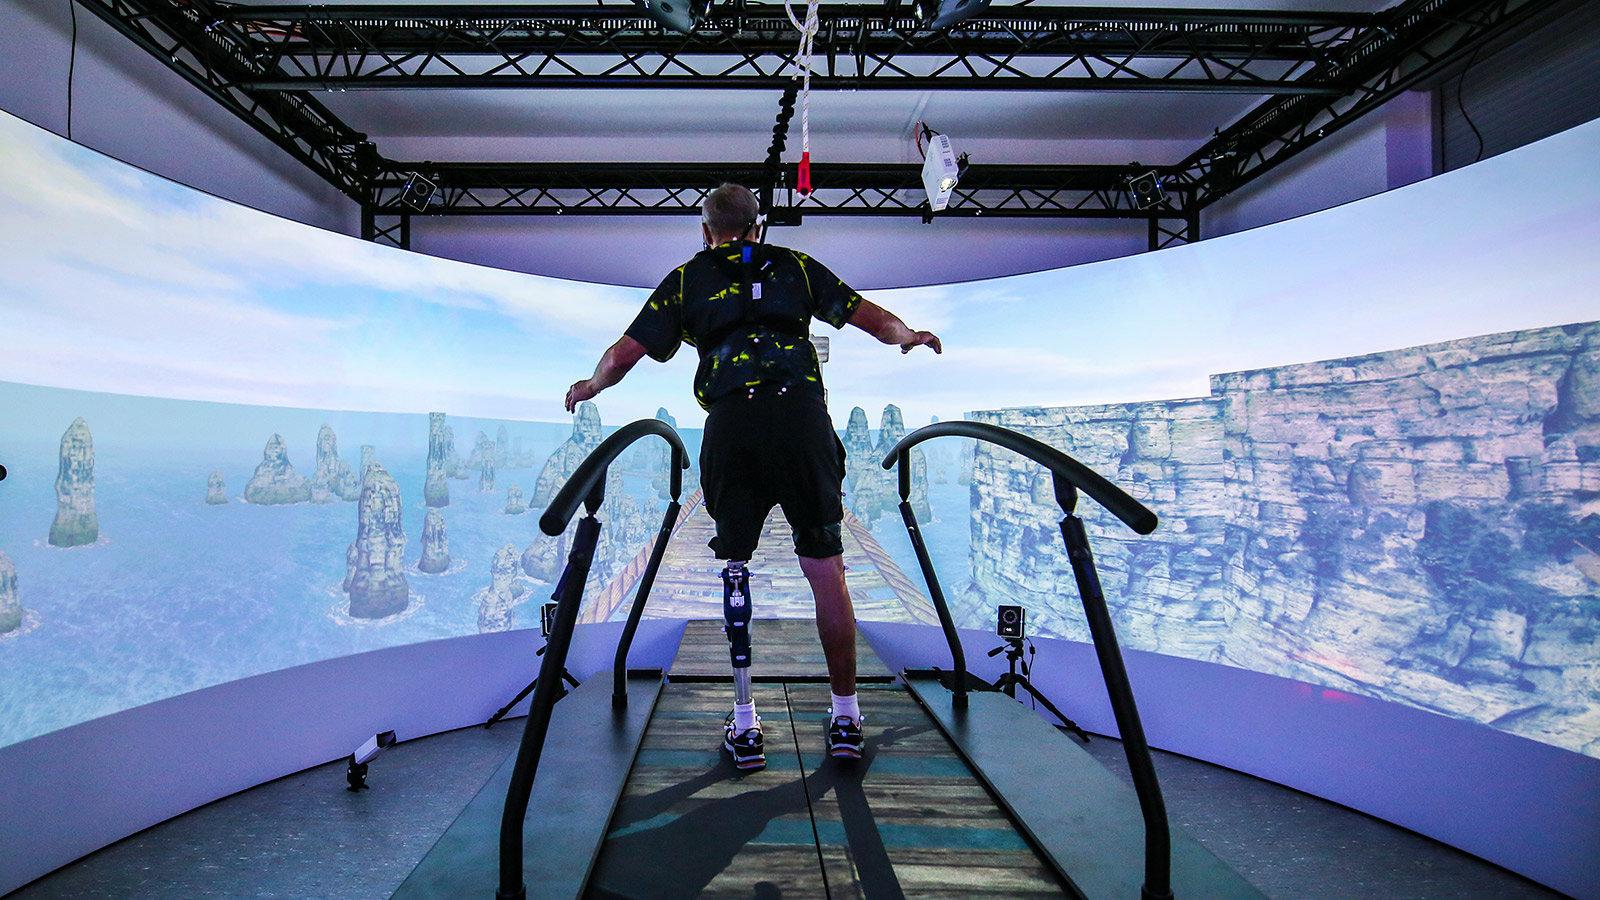 Виртуальная реальность – игра, лечение, жизнь. Технологии VR на службе реабилитационной медицины - 1